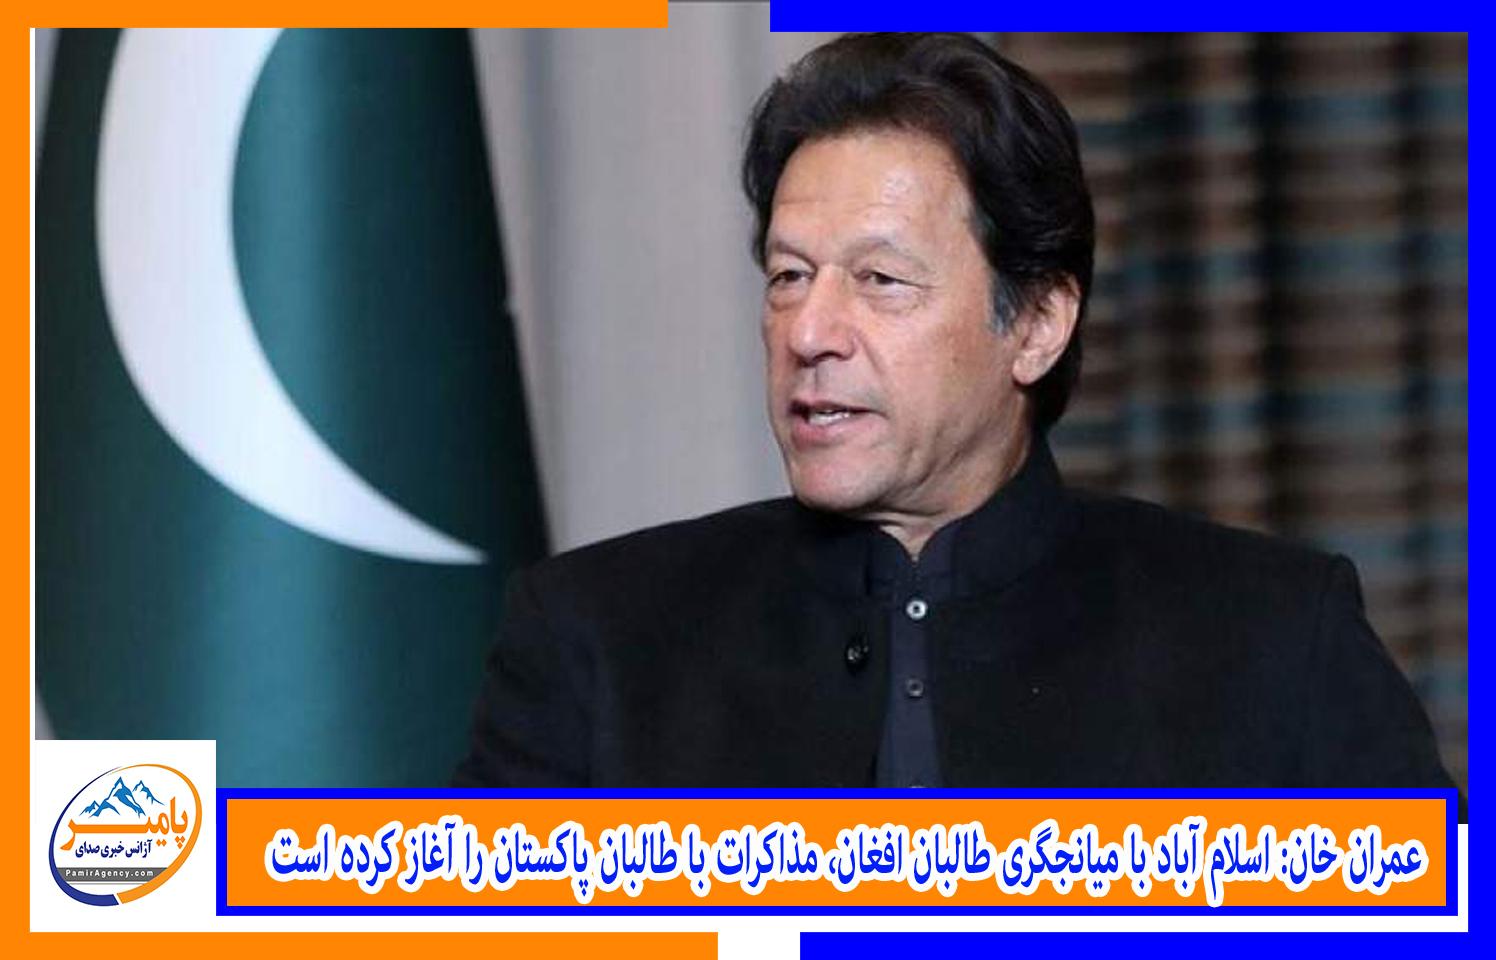 عمران خان: اسلام آباد با میانجگری طالبان افغان، مذاکرات با طالبان پاکستان را آغاز کرده است